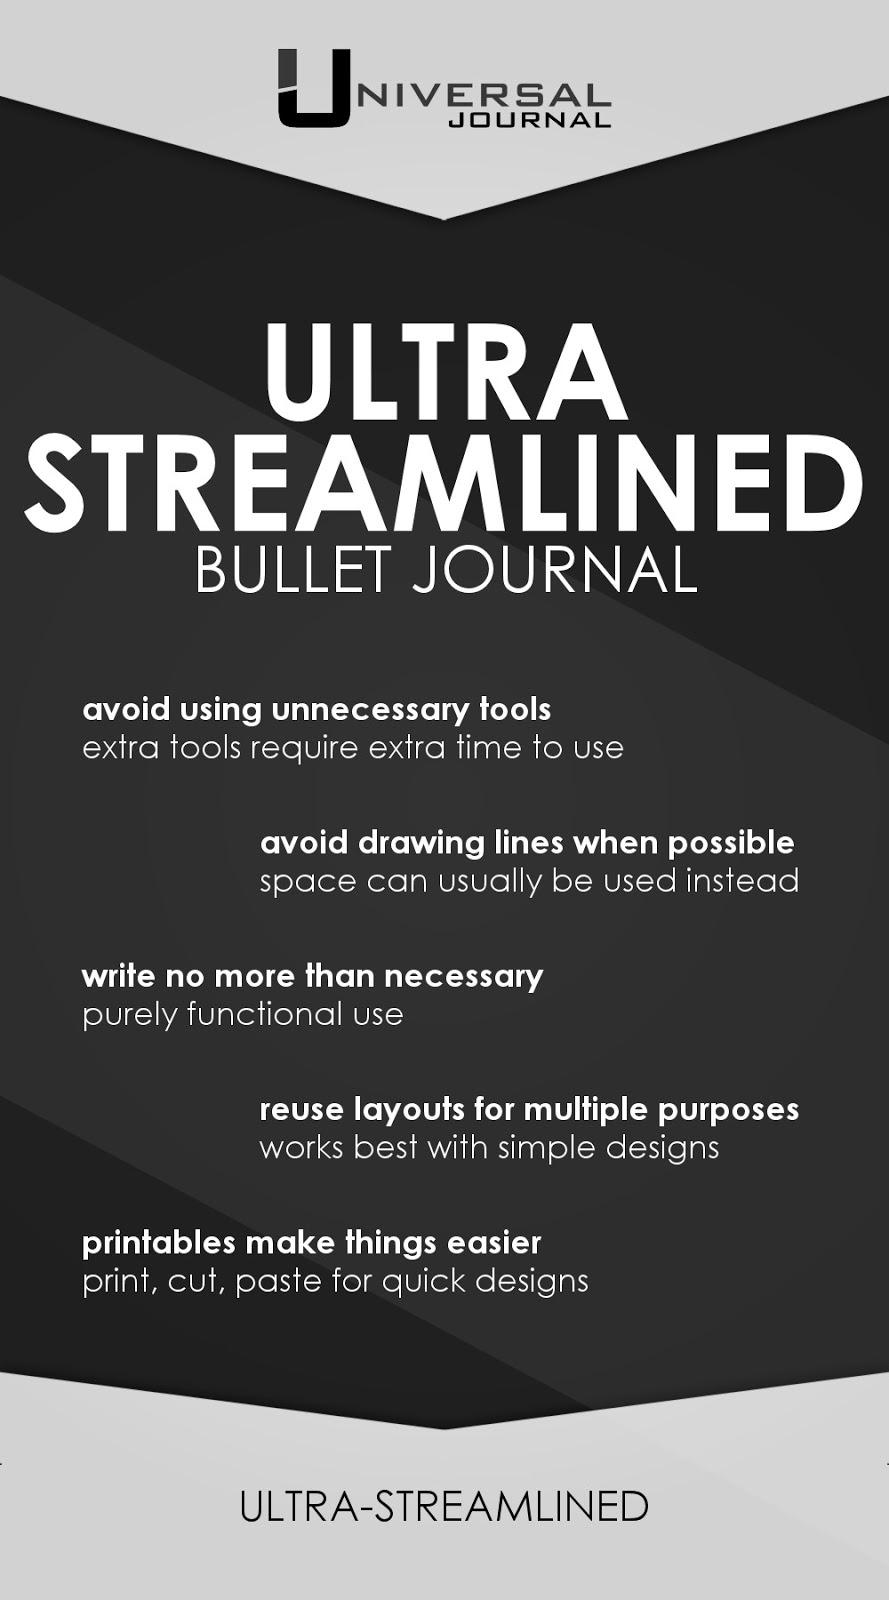 ultra-streamlined bullet journal